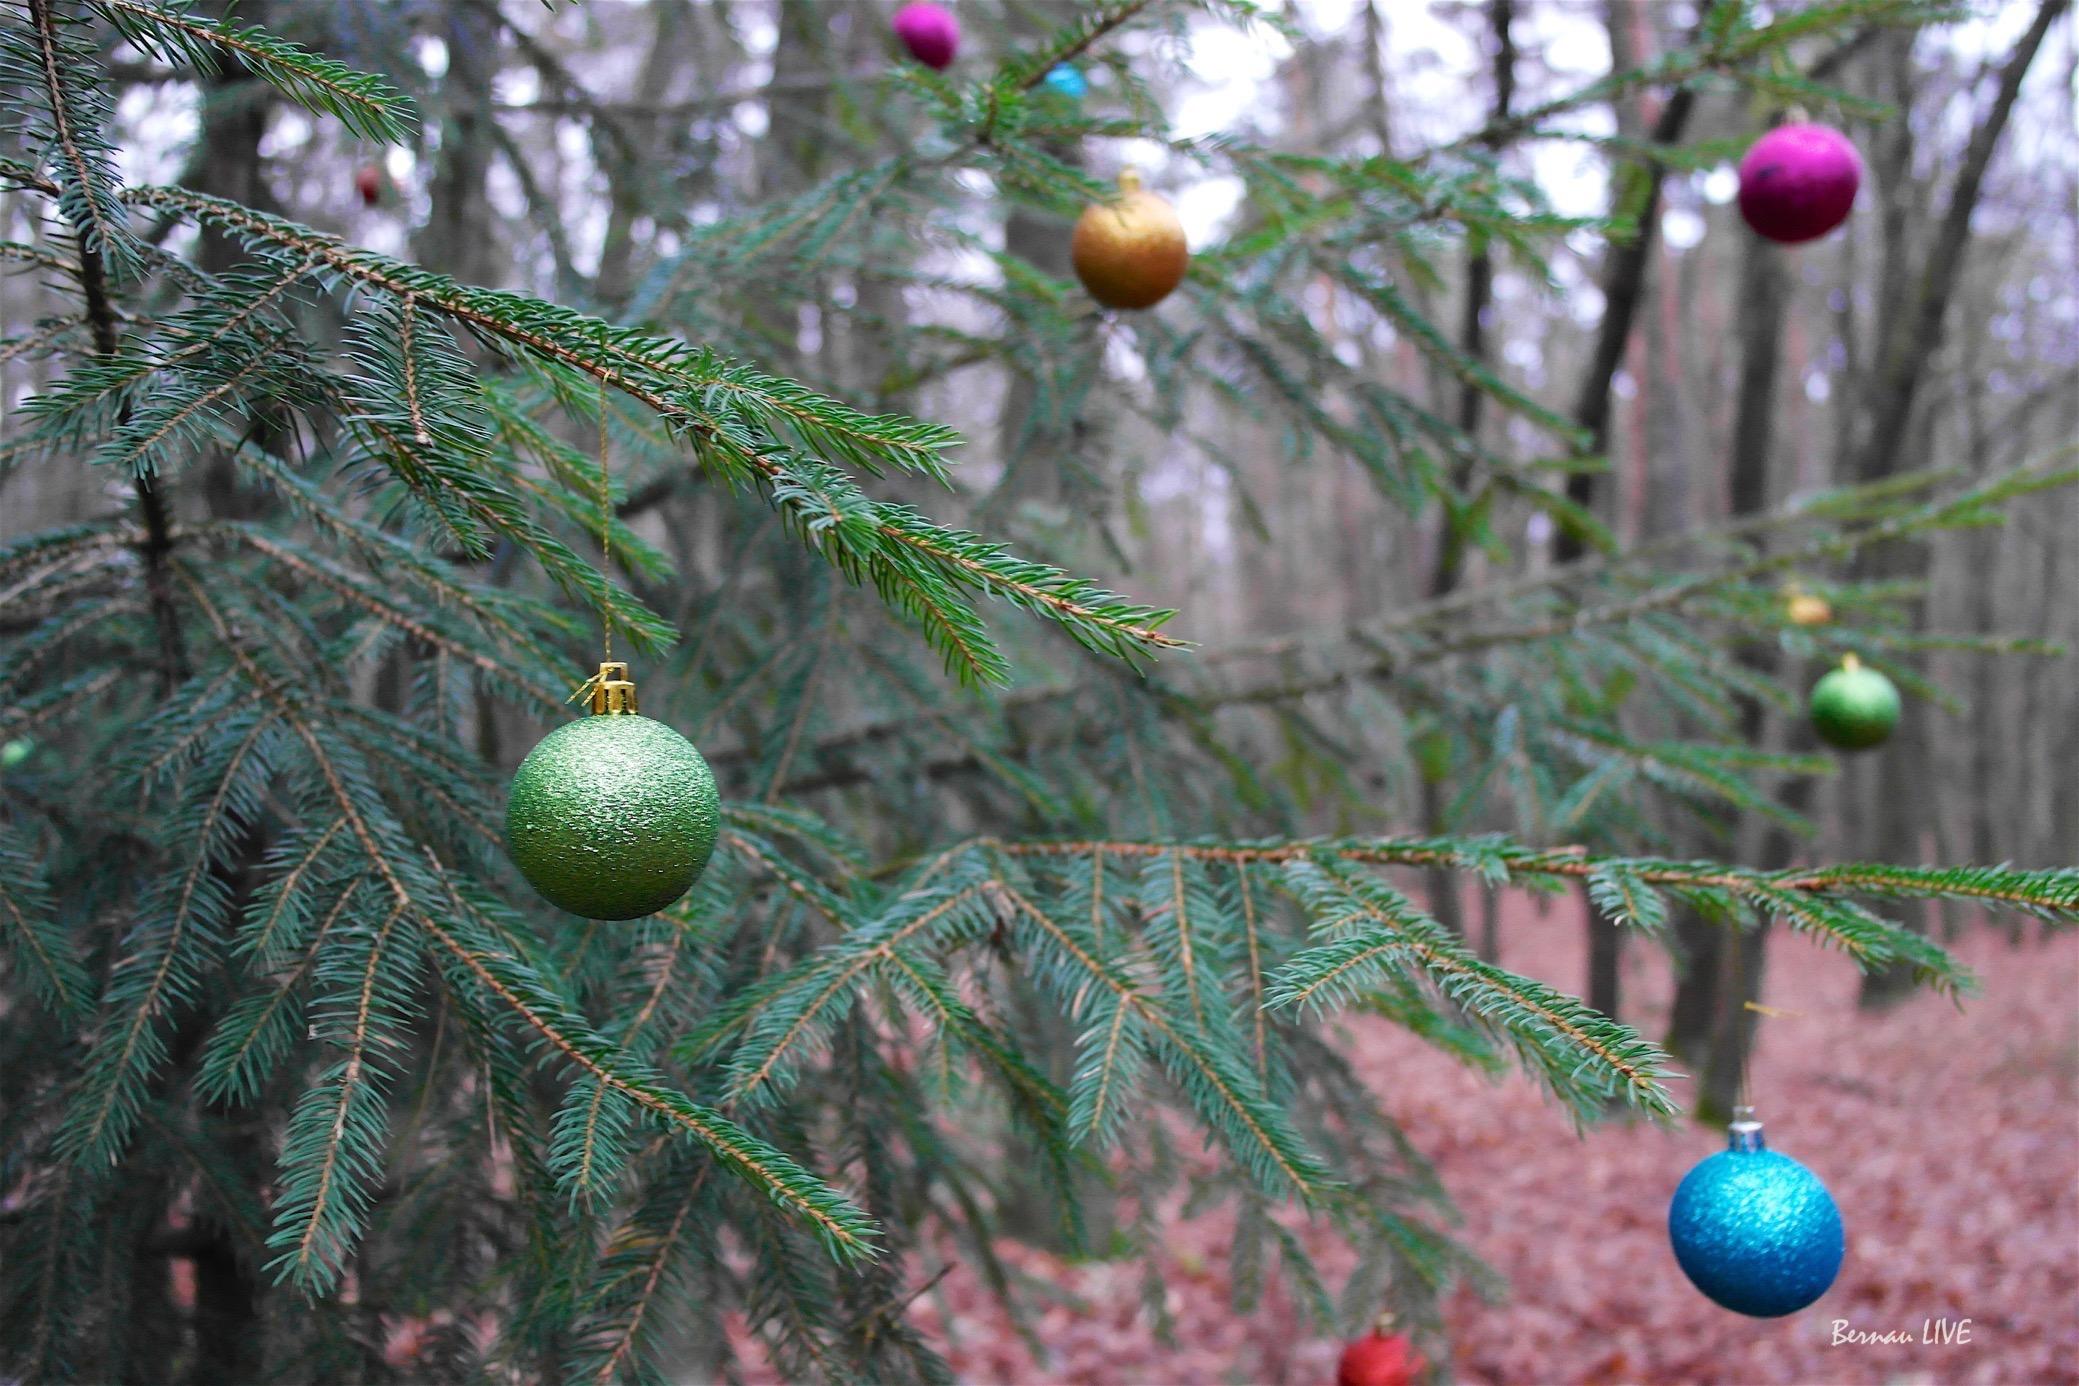 Weihnachtsbaum Herkunft.Grüße Vom Wohl Einsamsten Weihnachtsbaum Unserer Region